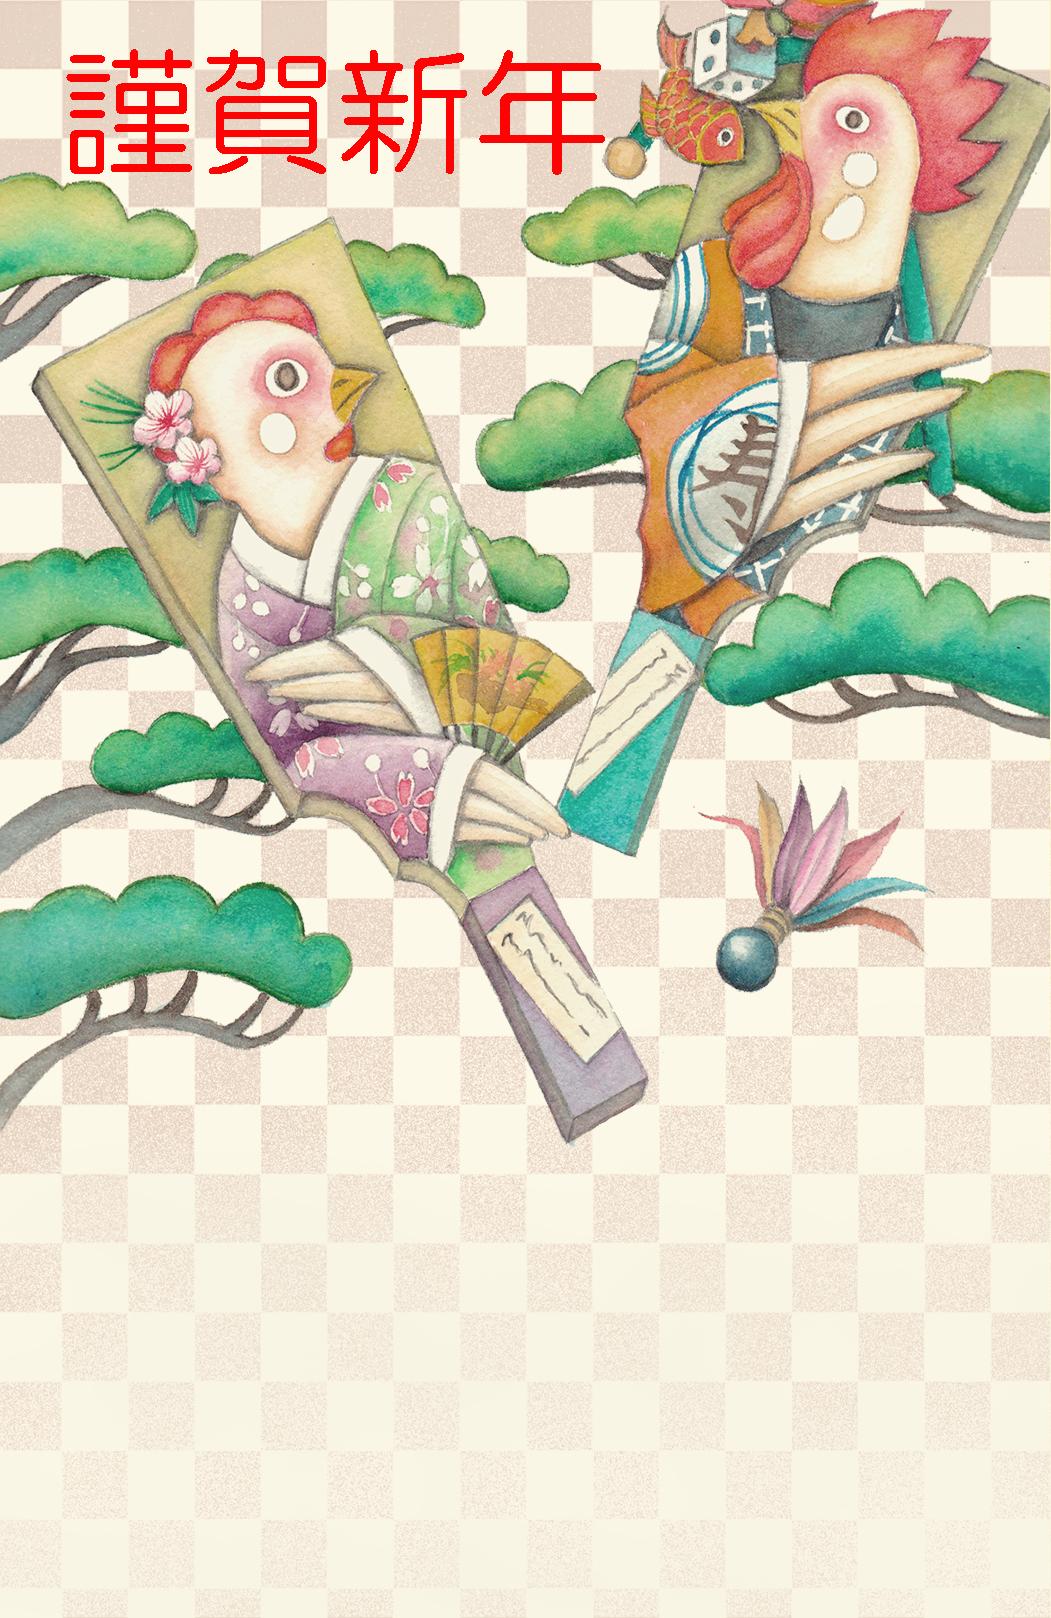 yayoi/年賀状コンペ用イラストスタンダード